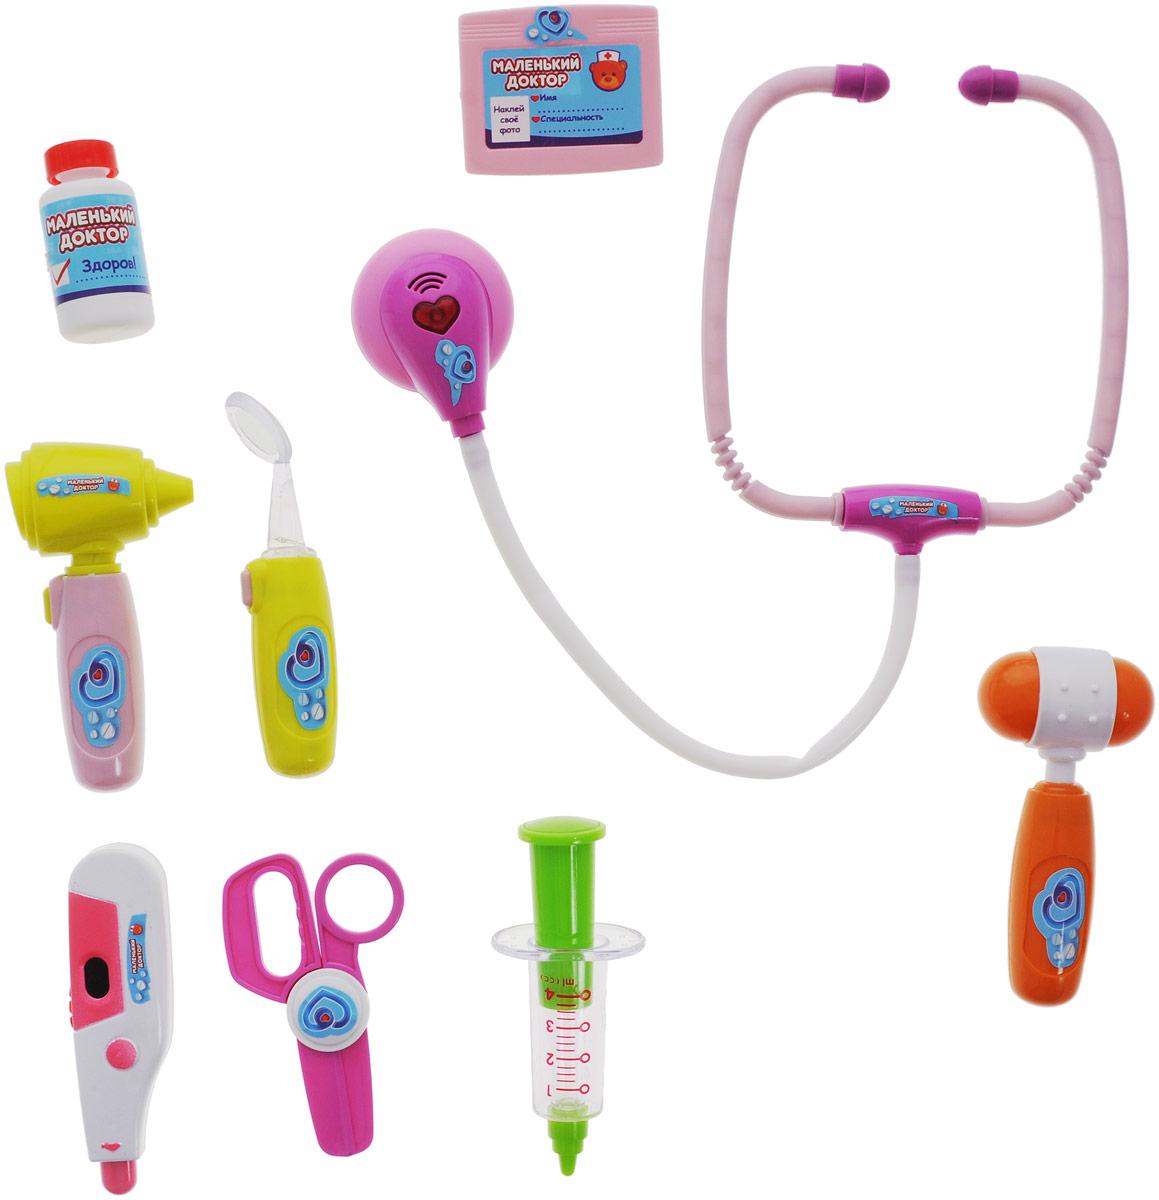 все цены на ABtoys Набор медицинских инструментов Маленький доктор 10 предметов онлайн